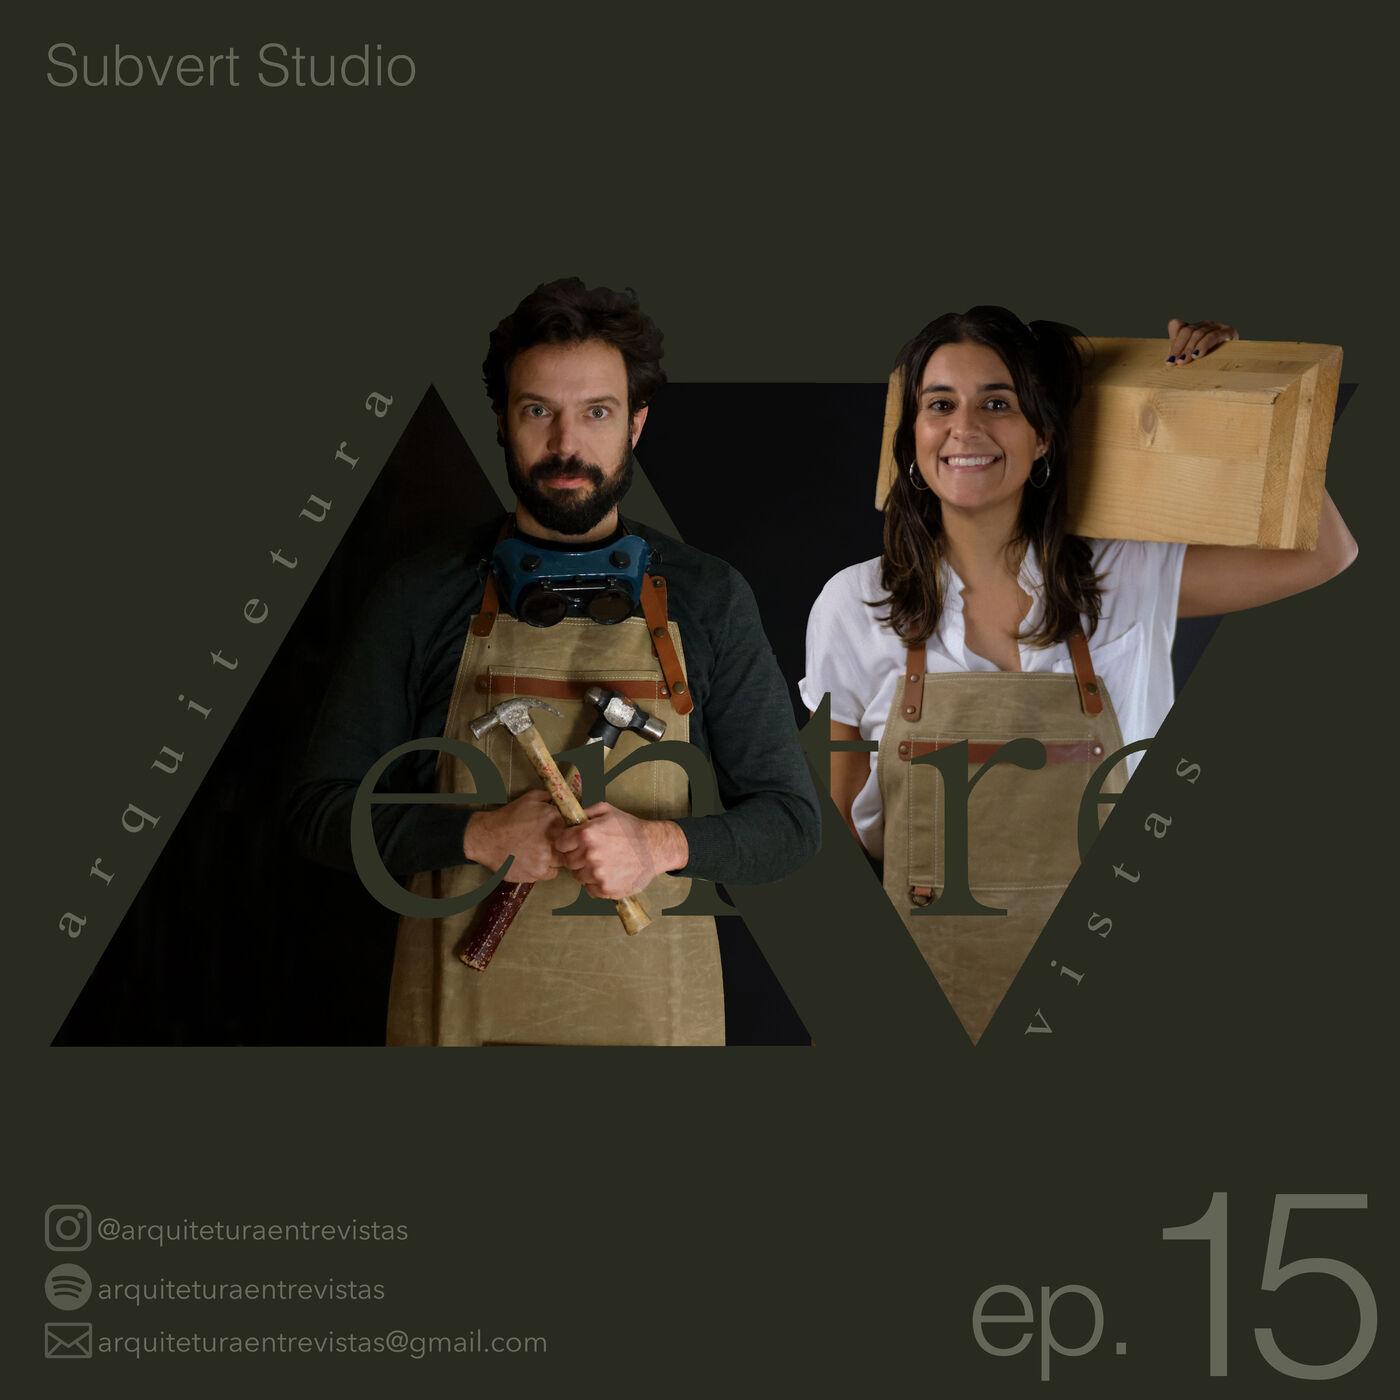 EP.15 SubvertStudio, Arquitetura Entre Vistas